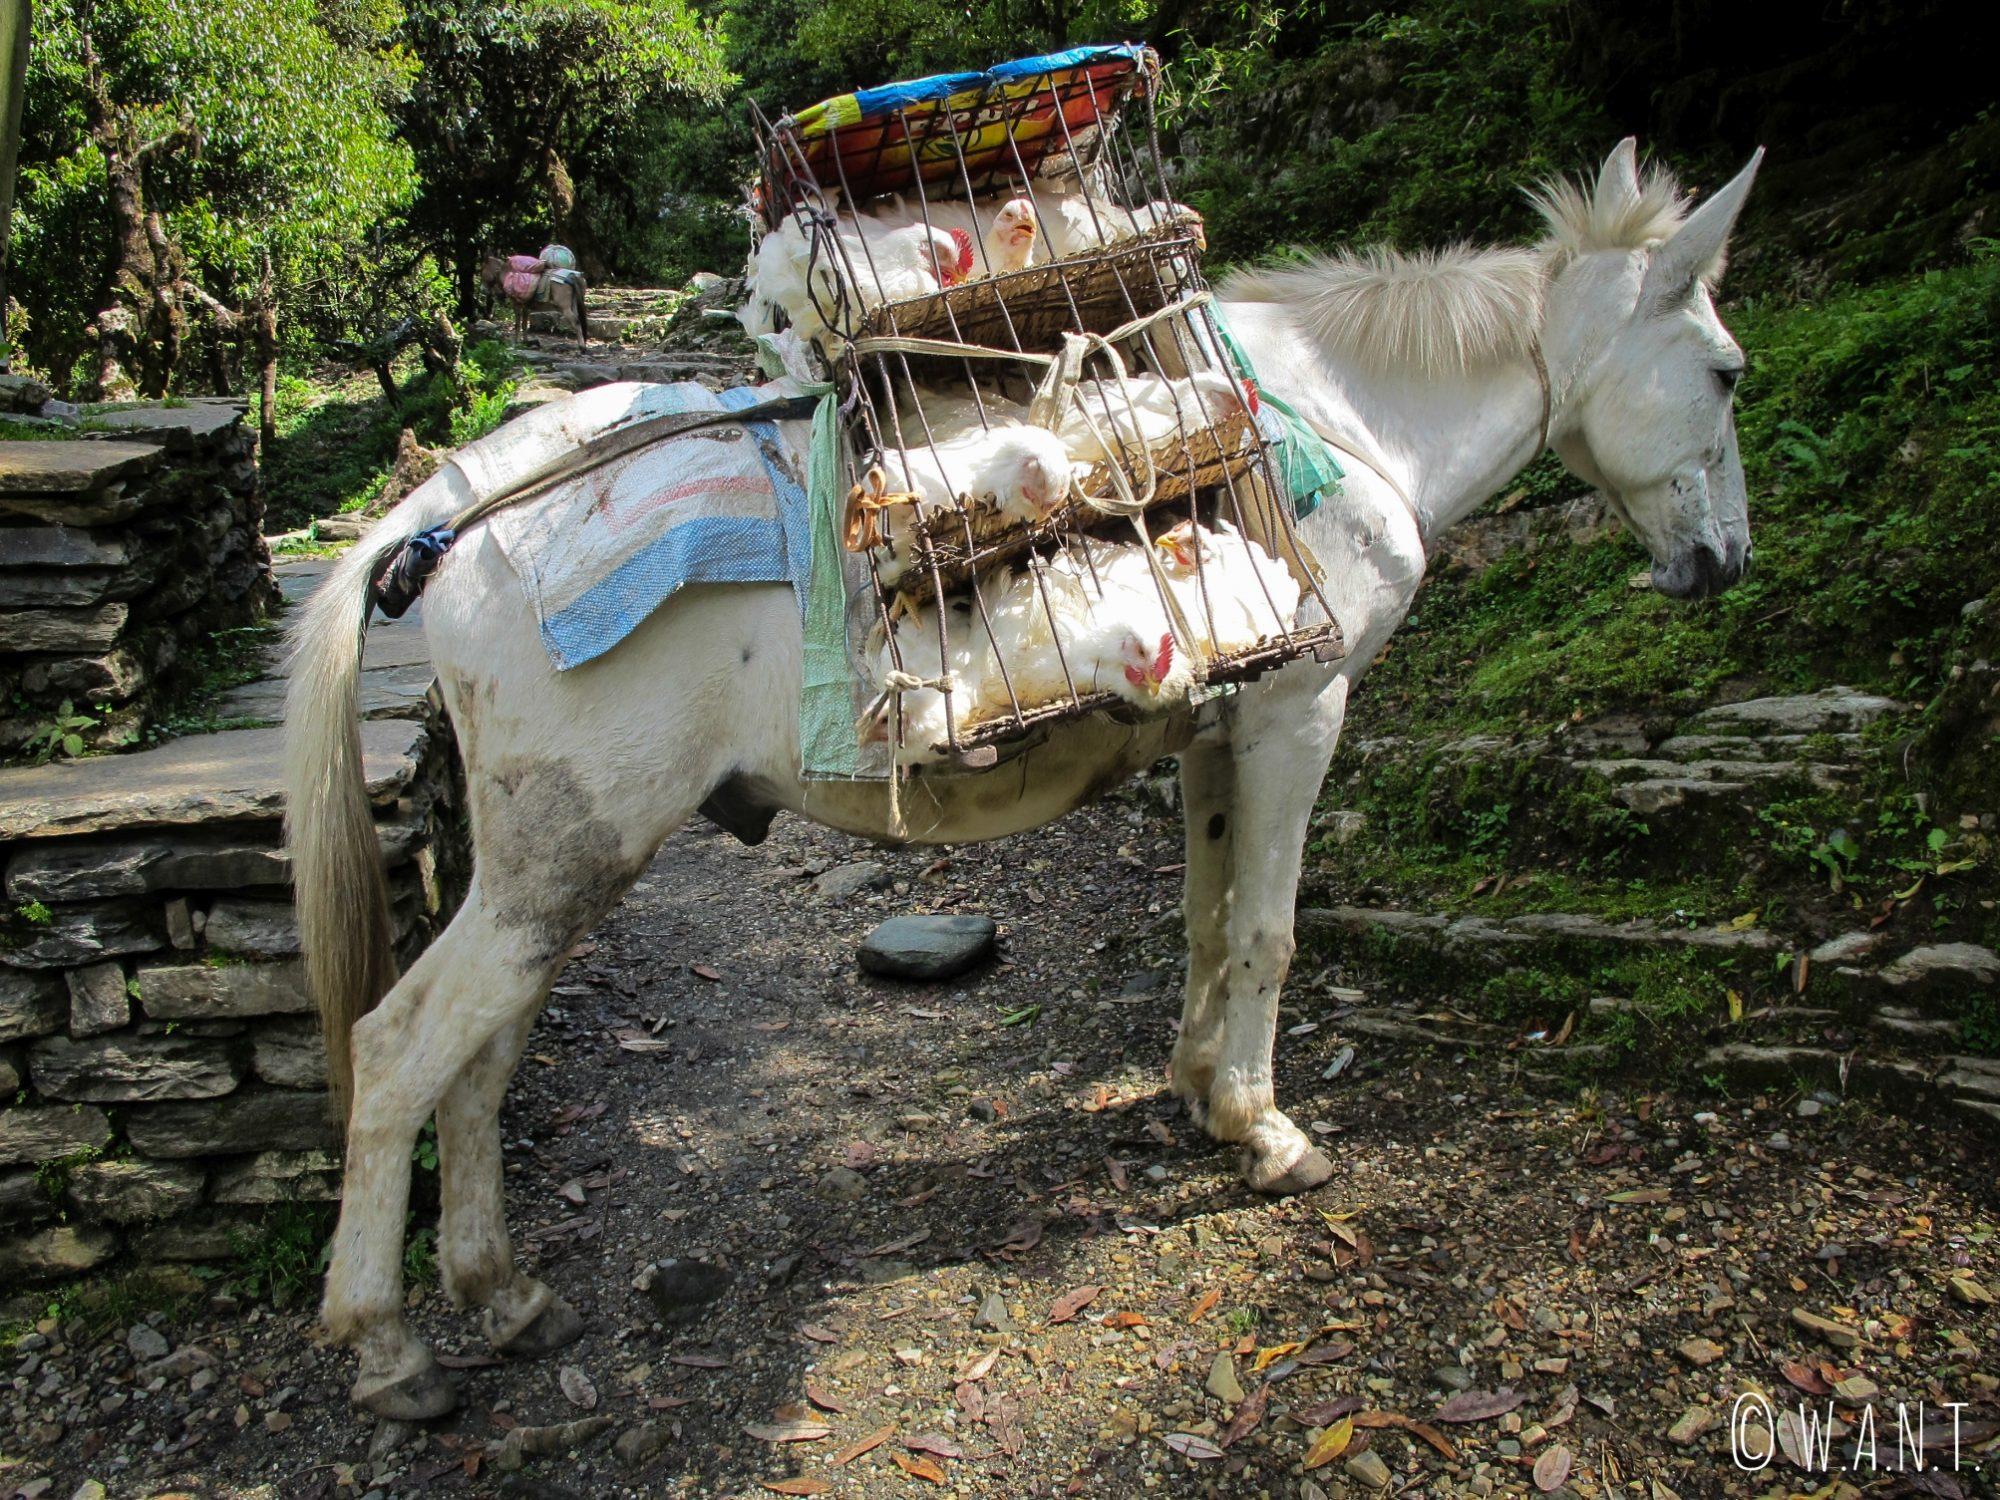 Les mulets jouent un rôle essentiel afin d'approvisionner les villages du sanctuaire des Annapurnas